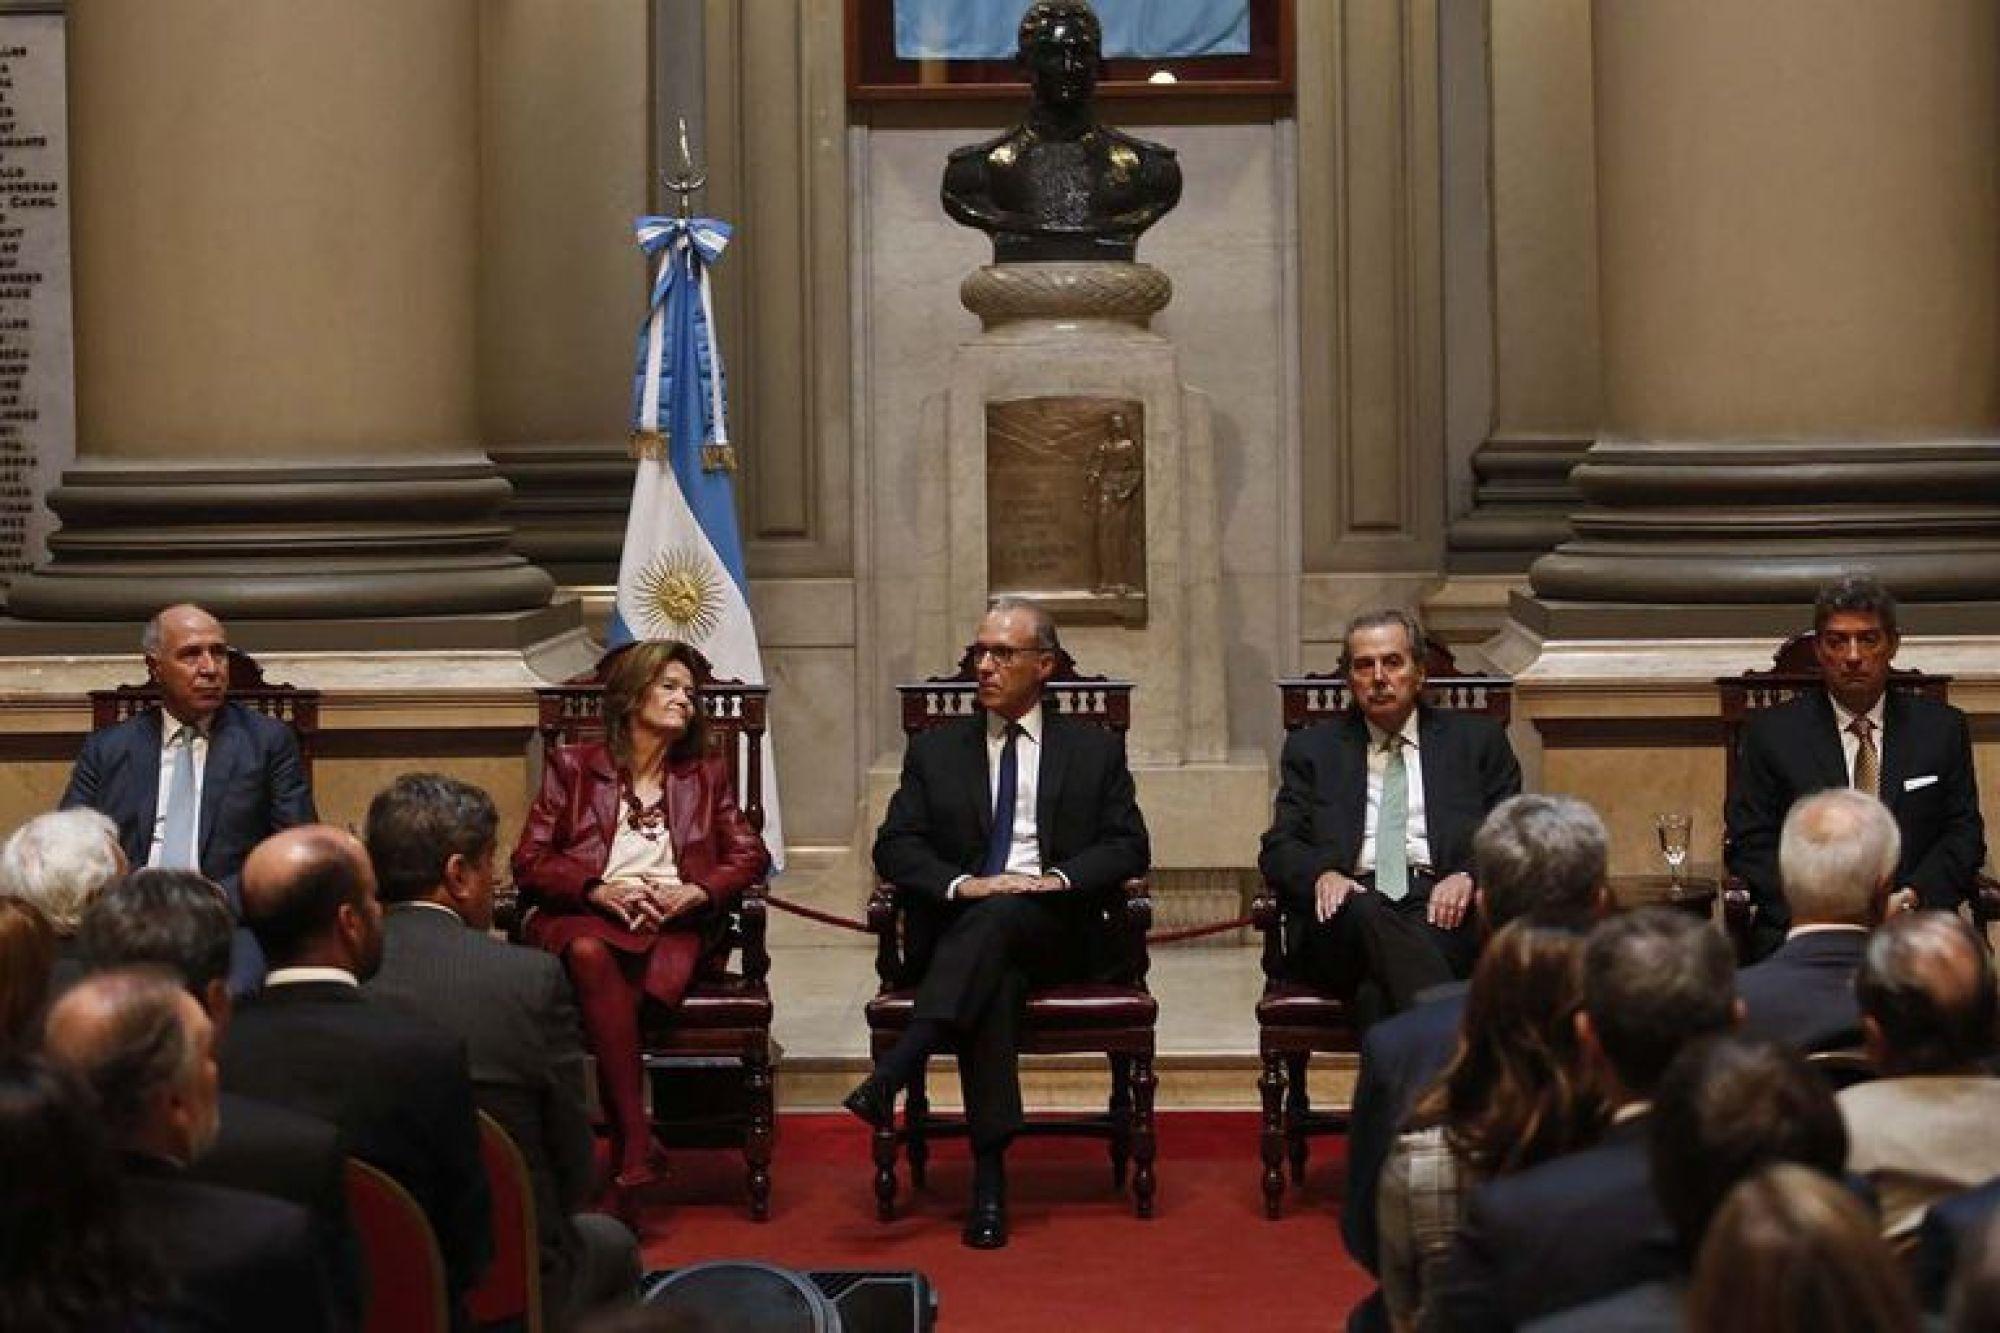 La Corte Suprema ya se pronunció a favor de la demanda presentada por la Ciudad de Buenos Aires respecto de las clases presenciales con un fallo que tensó aún más el vínculo con el gobierno nacional